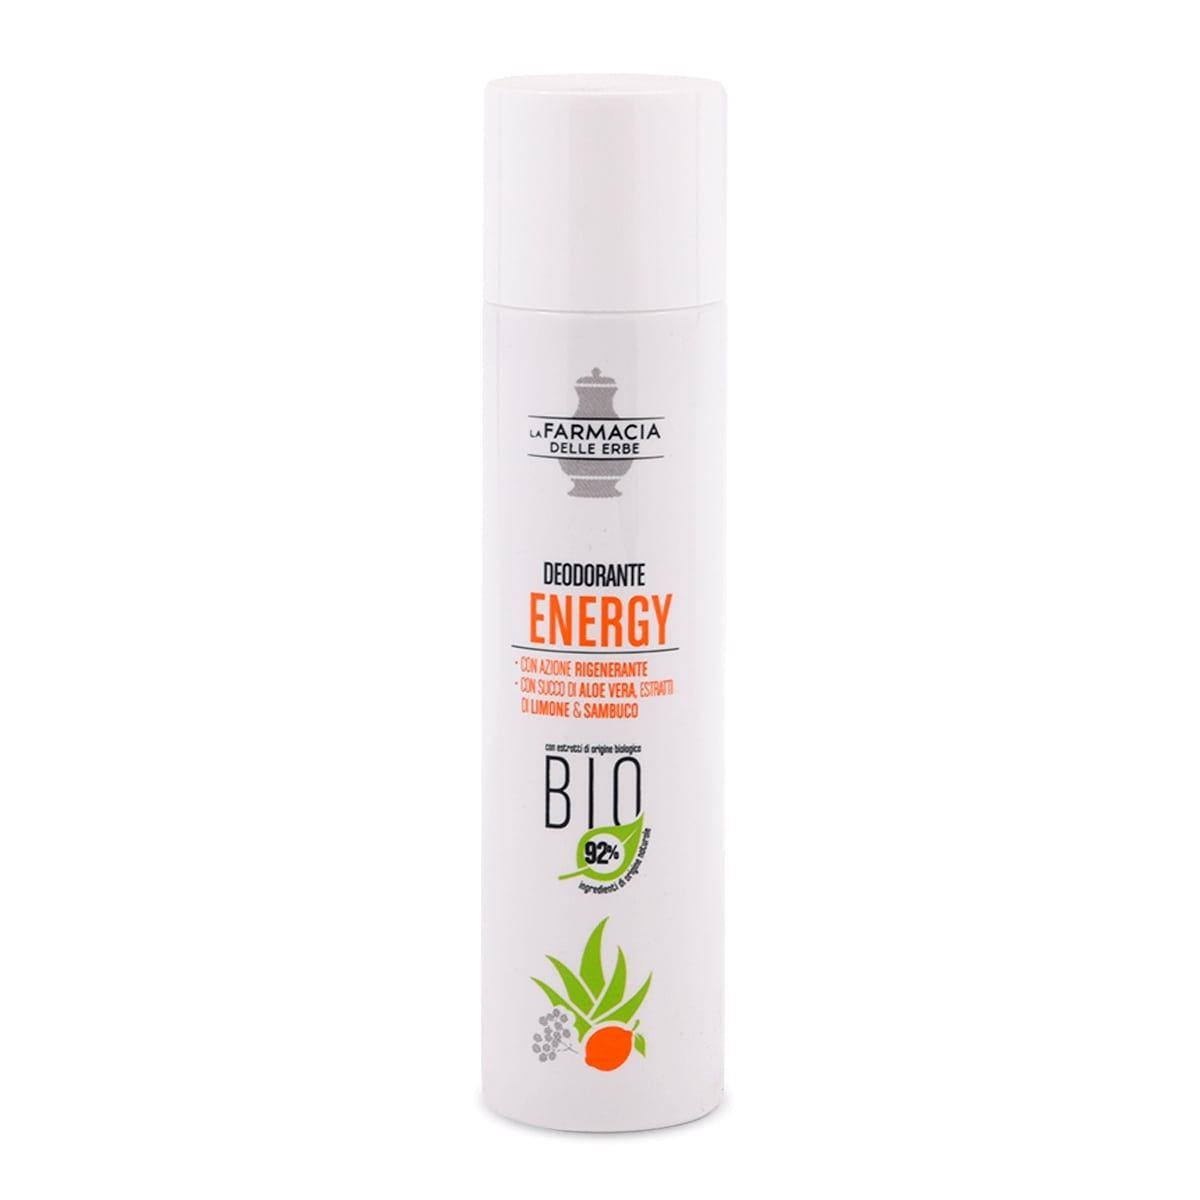 Deodorante Energy